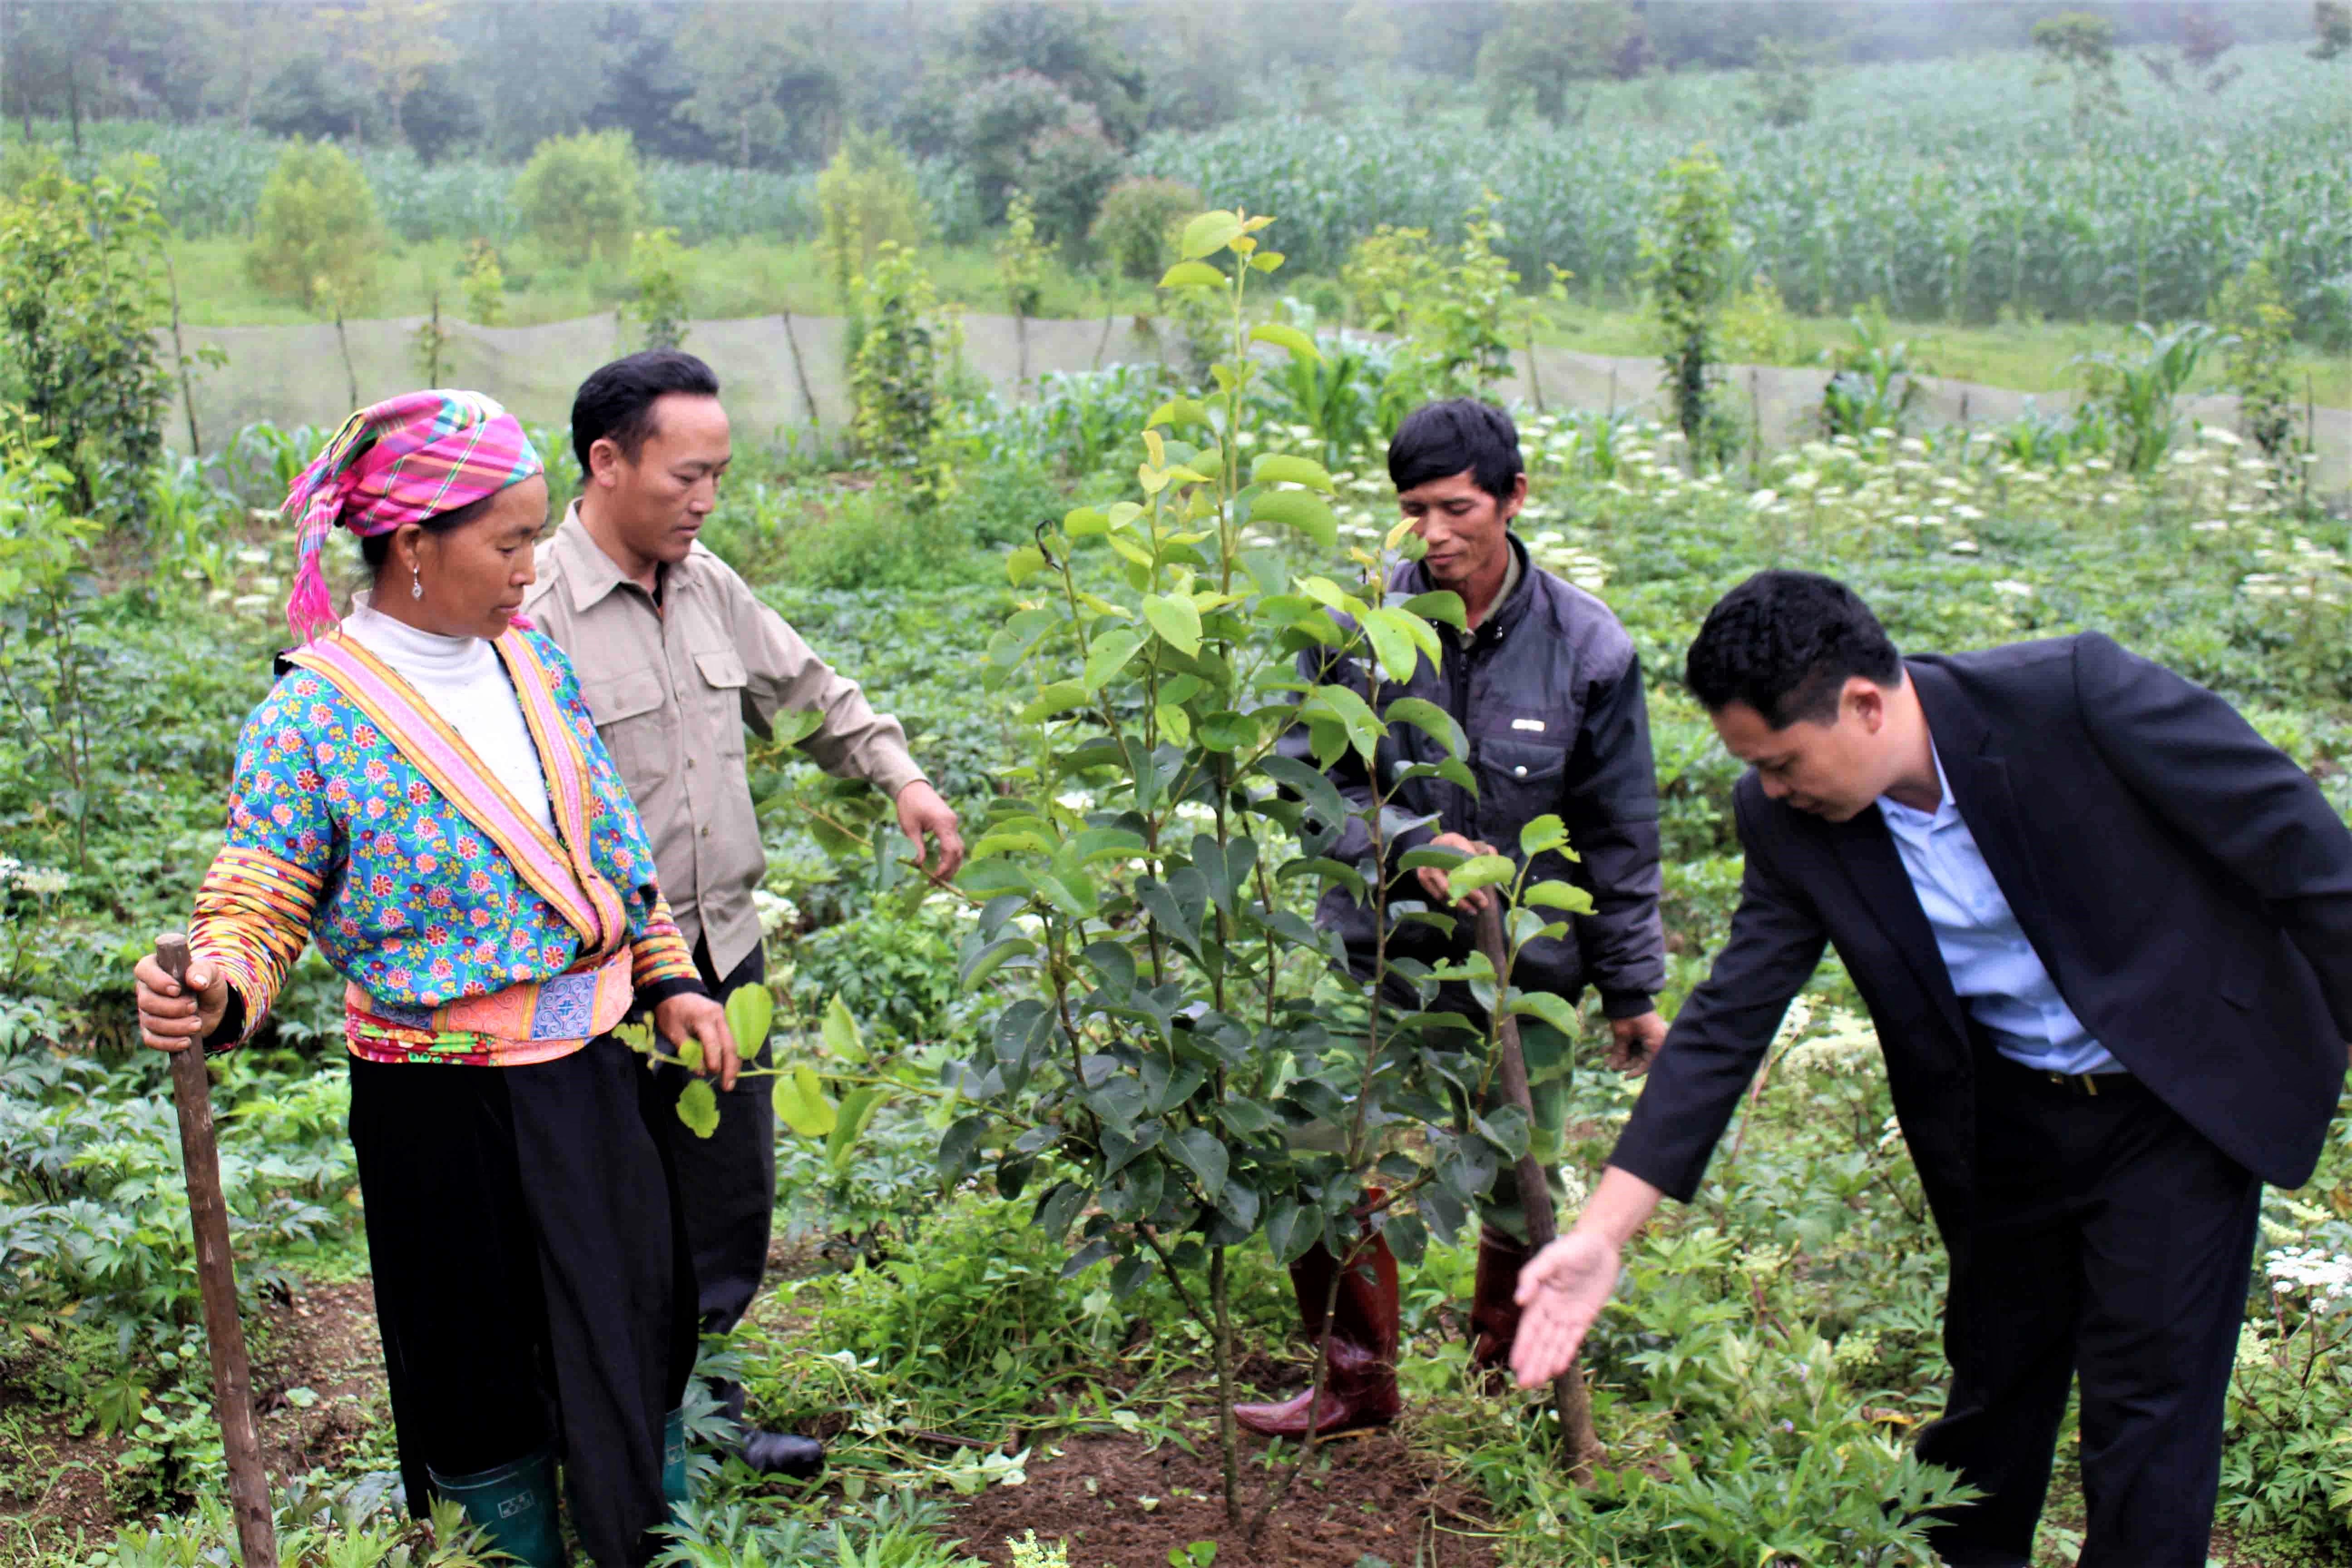 Việc hỗ trợ giống cây trồng phù hợp với điều kiện khí hậu thổ nhưỡng cho đồng bào DTTS là rất quan trọng